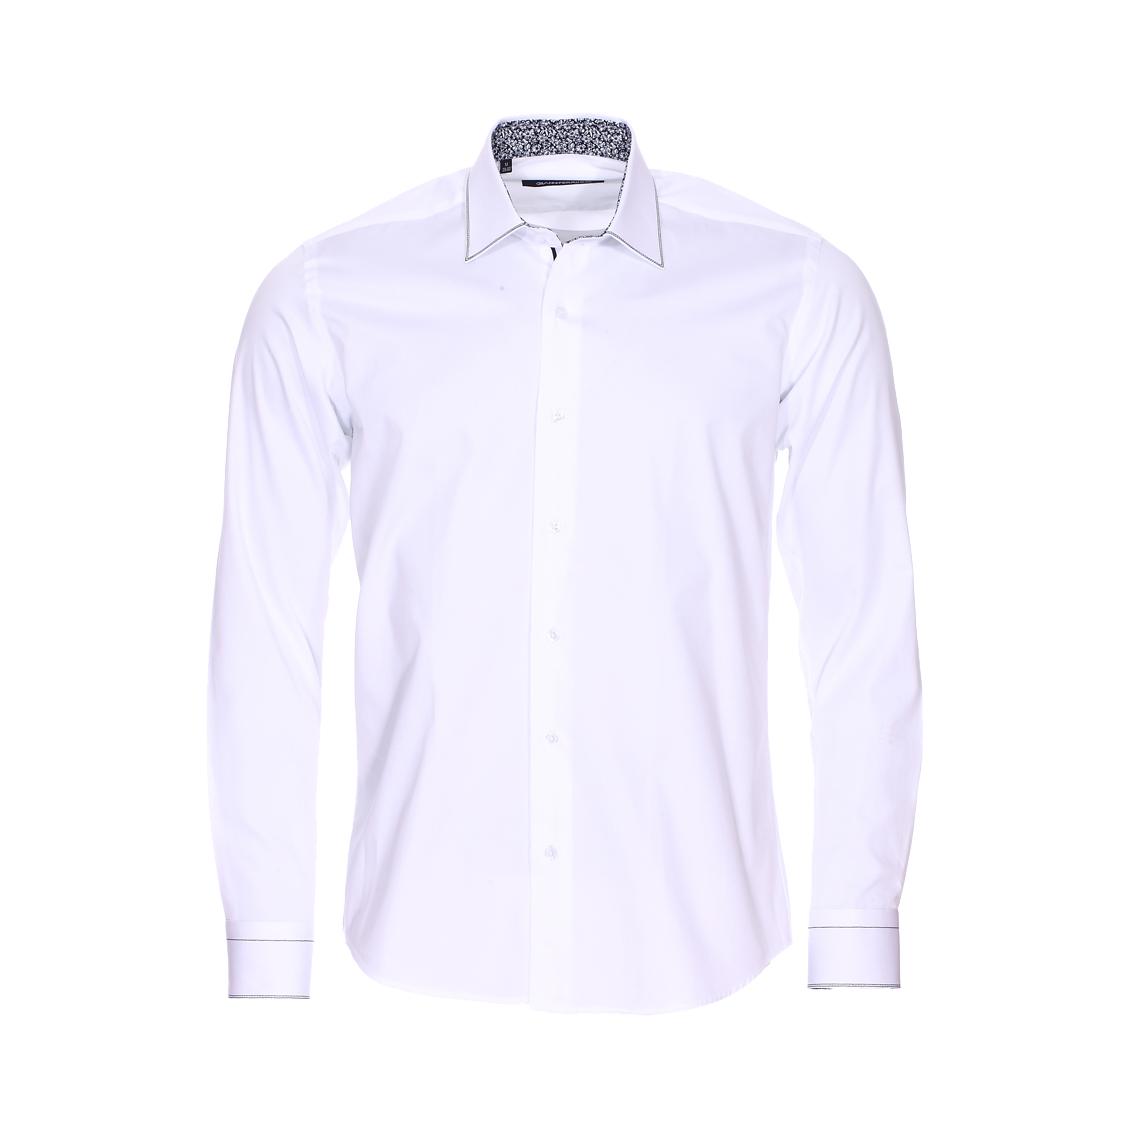 Chemise cintrée  en coton blanc et opposition noire à fleurs blanches